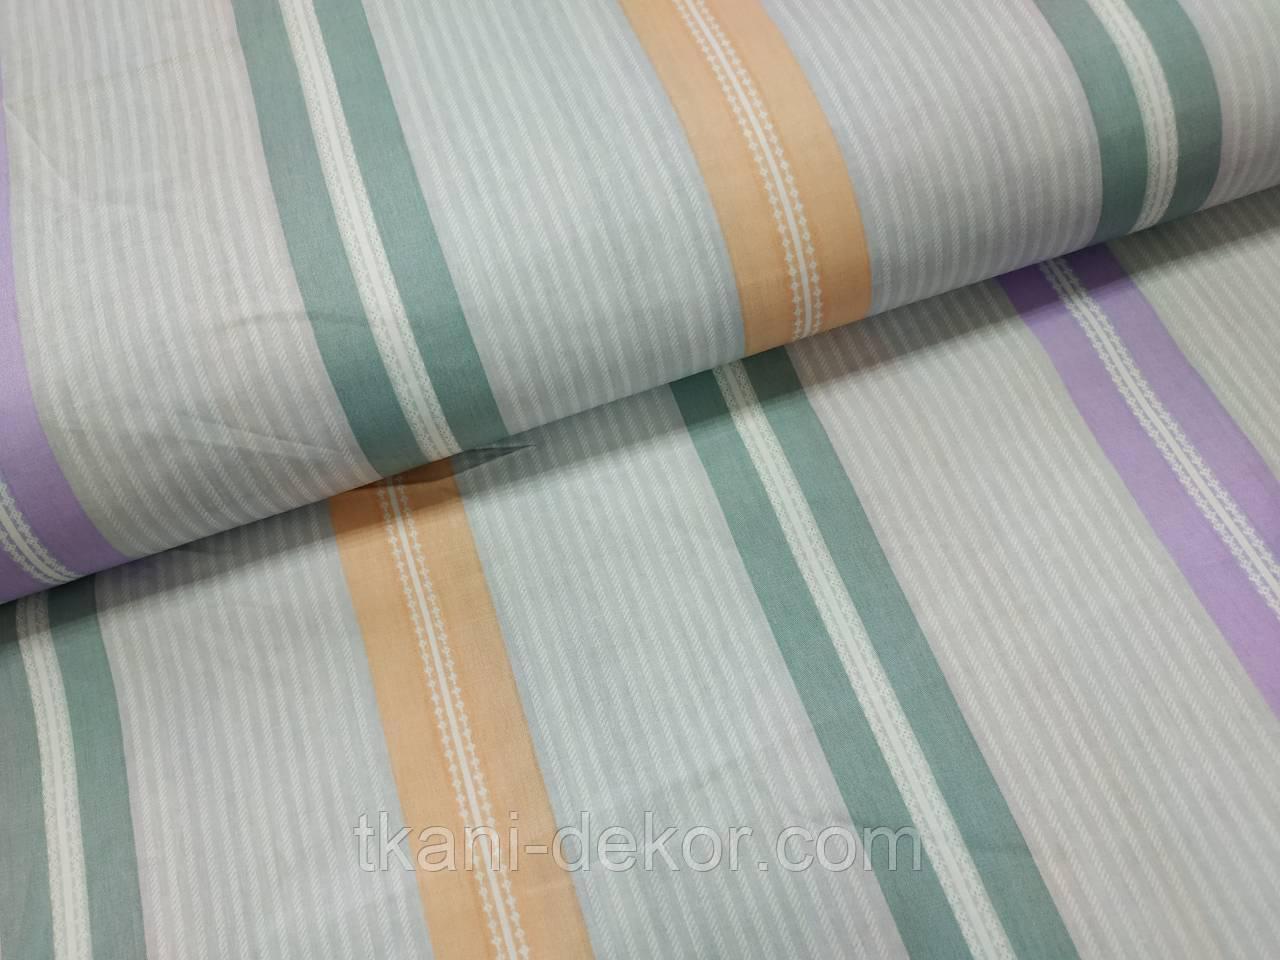 Сатин (хлопковая ткань) крупная цветная полоска (компаньон к пионовидной розе) (90*160)